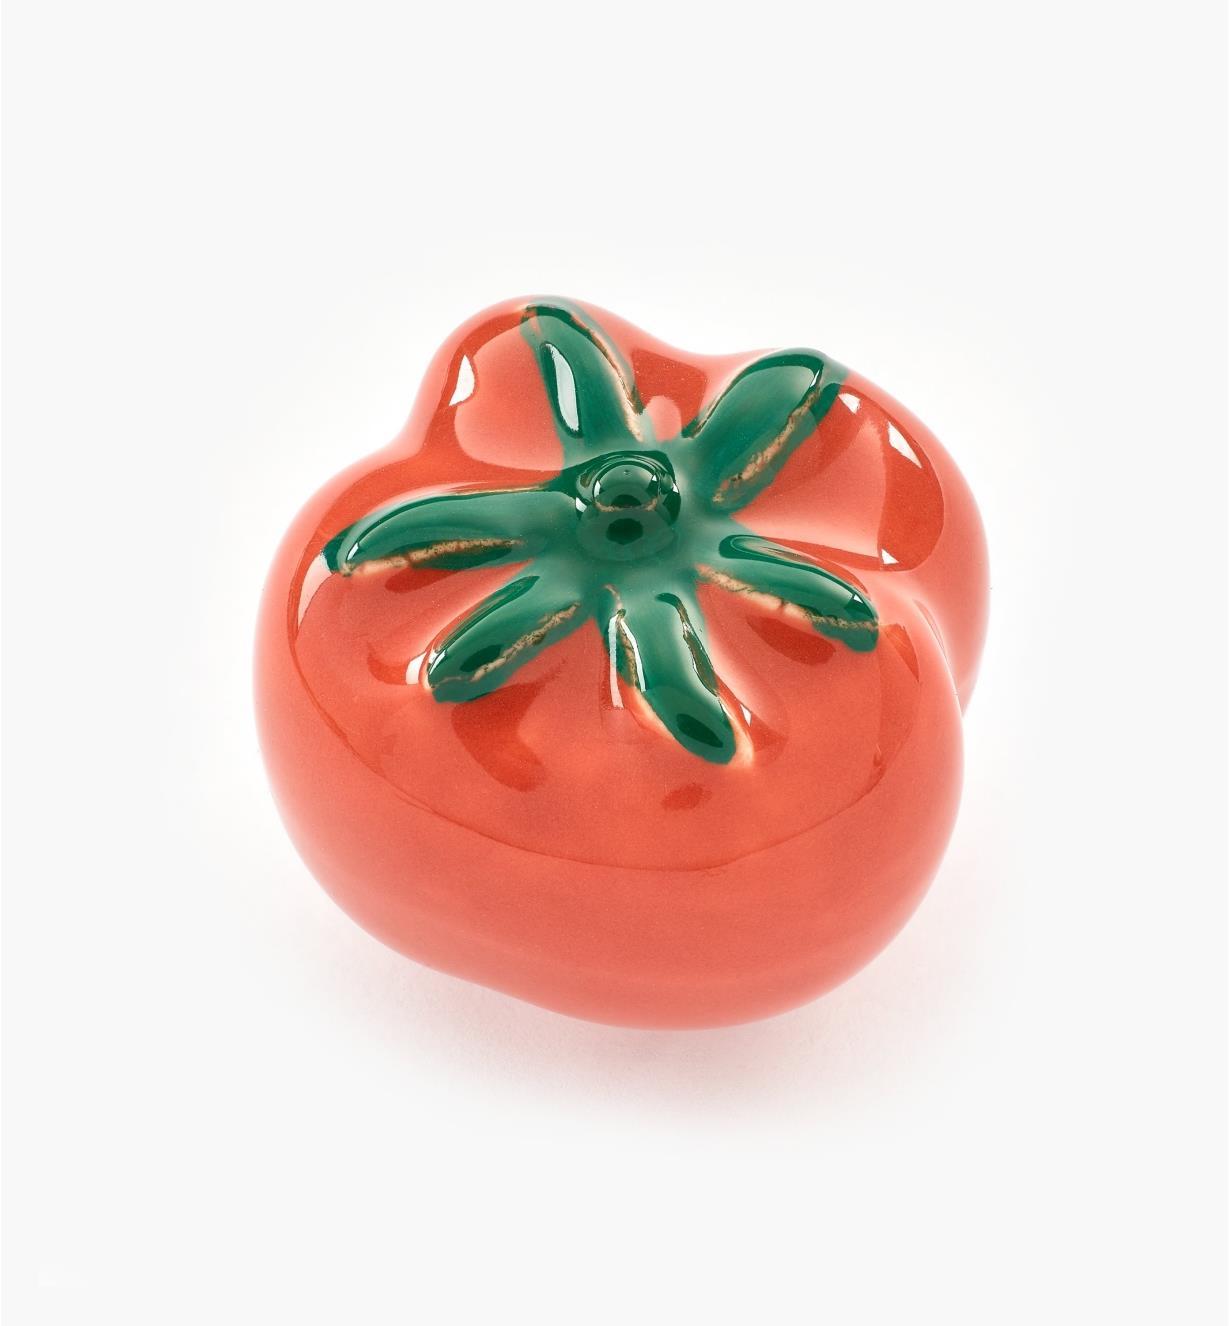 00W5264 - Bouton-tomate en céramique, 1 1/2 po x 1 3/16 po